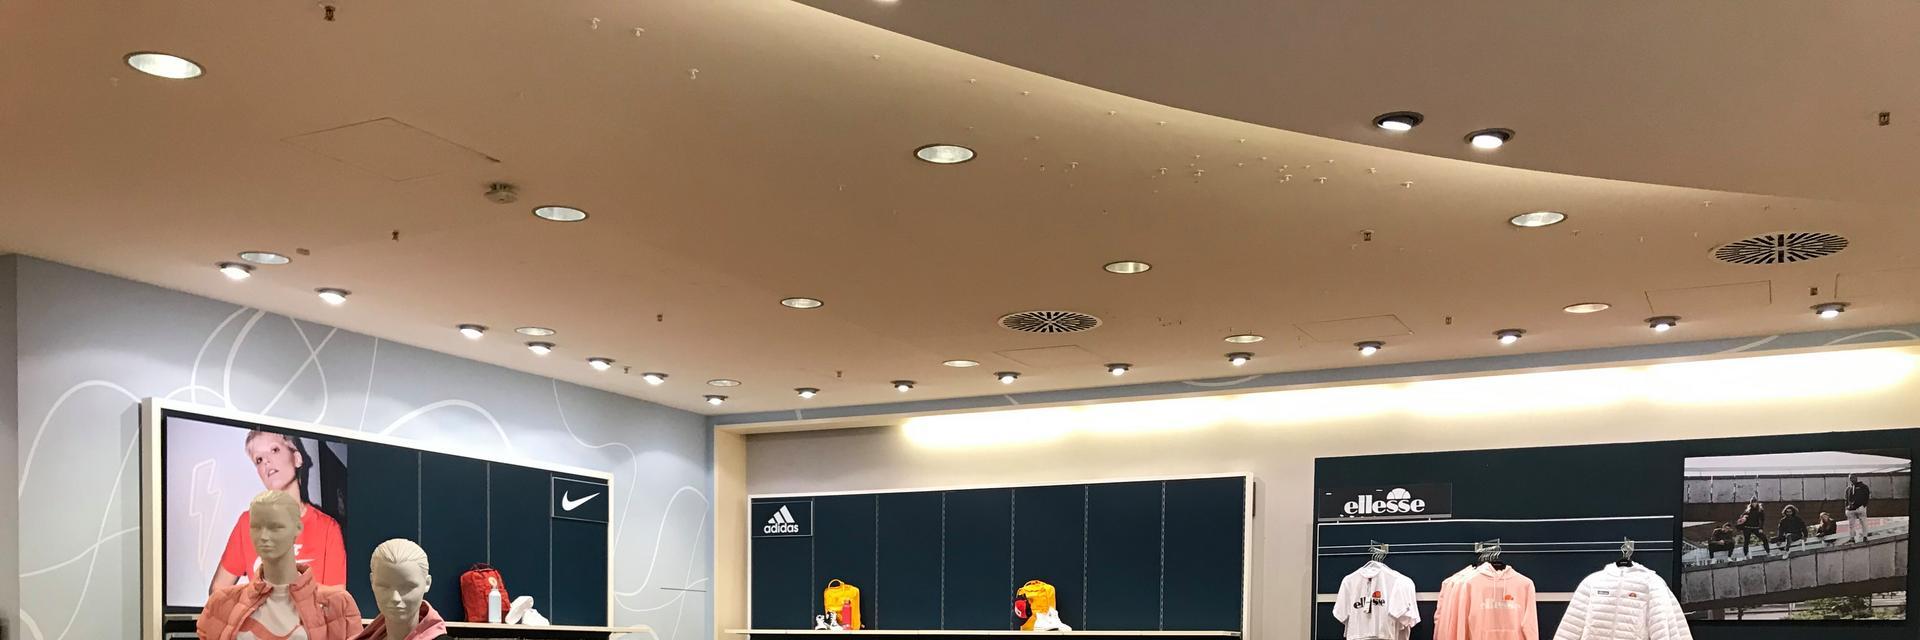 sportscheck-stuttgart-streetwear-damen